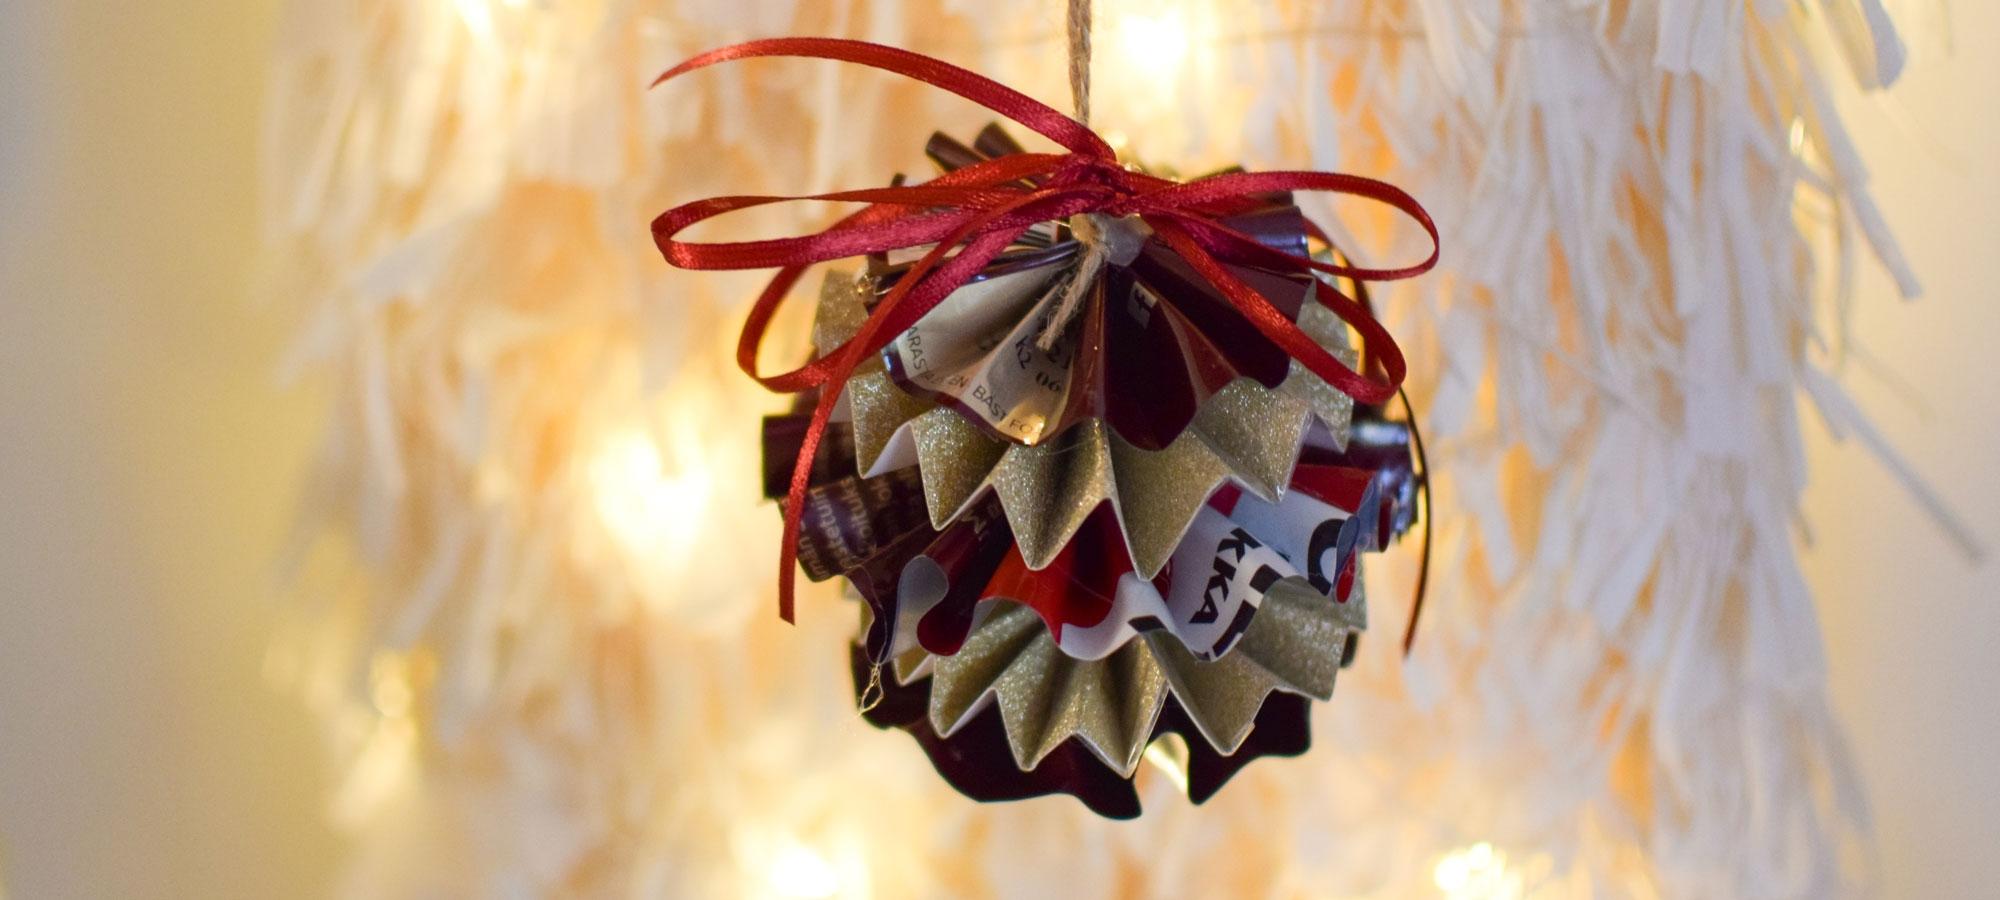 Joulukuusen koristeeksi soveltuu ihana DIY-koriste käytetystä kahvipakkauksesta